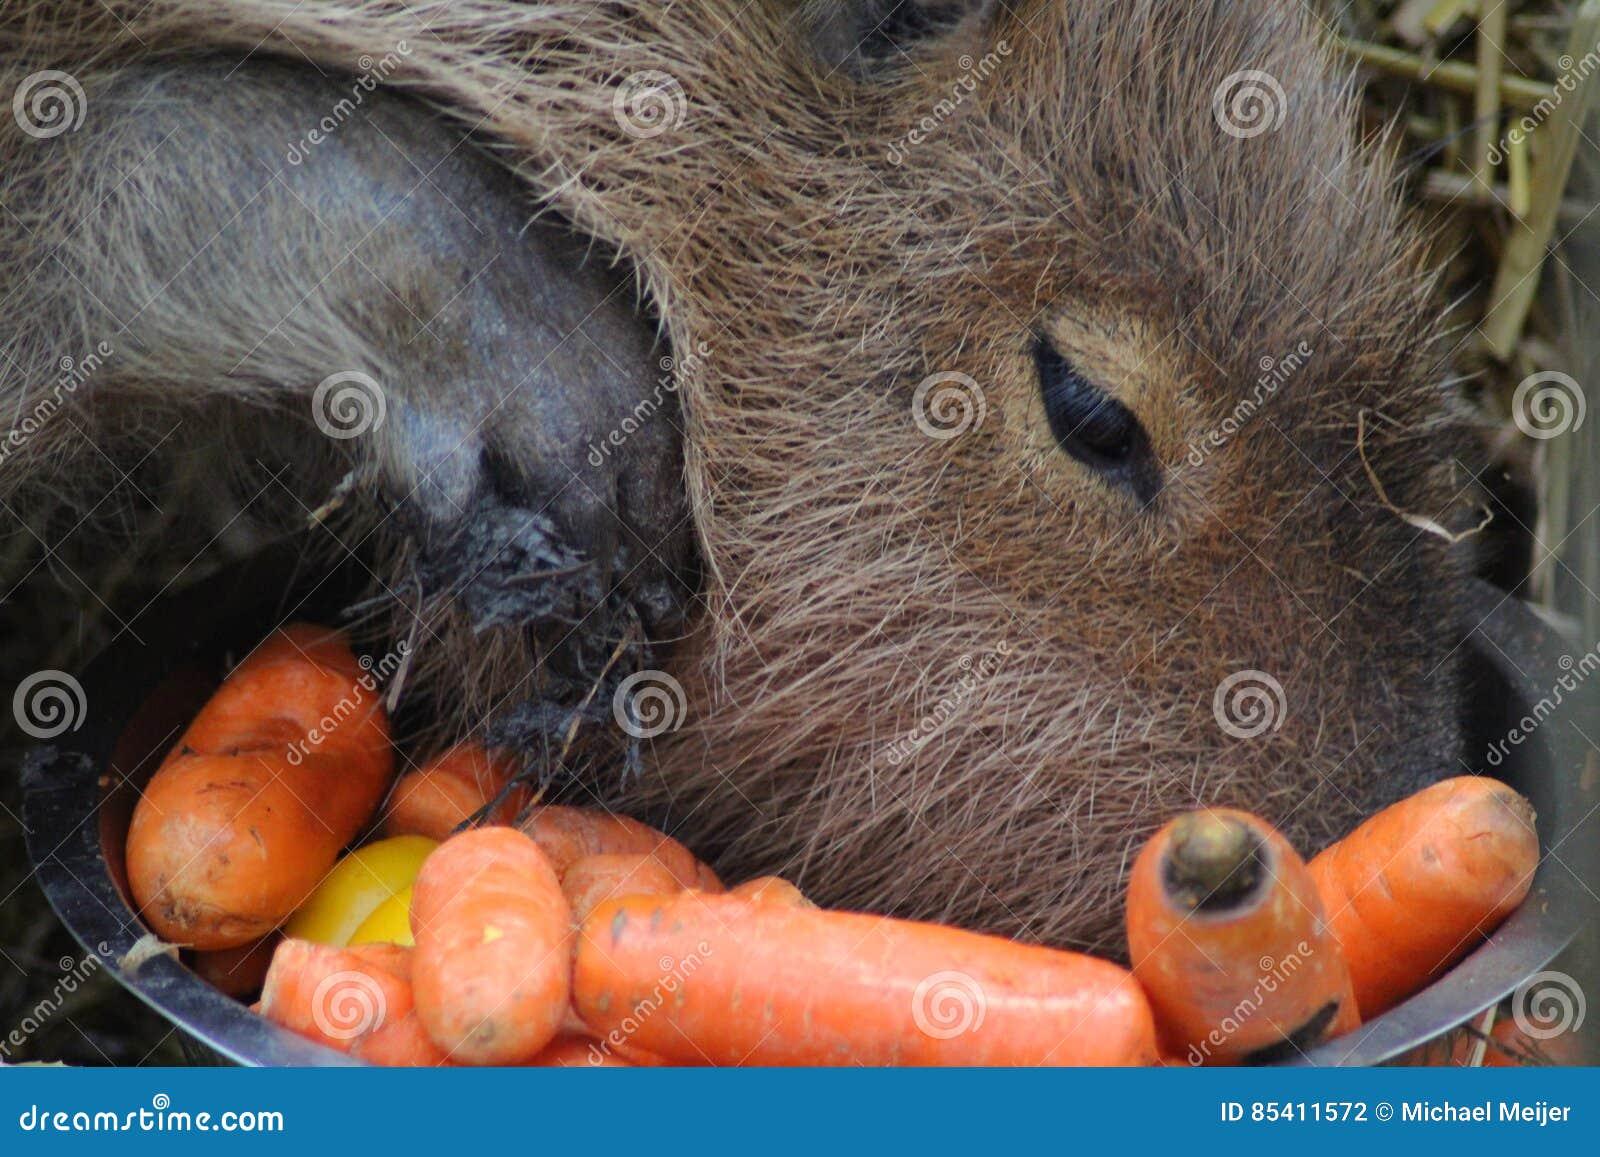 Capybara het eten